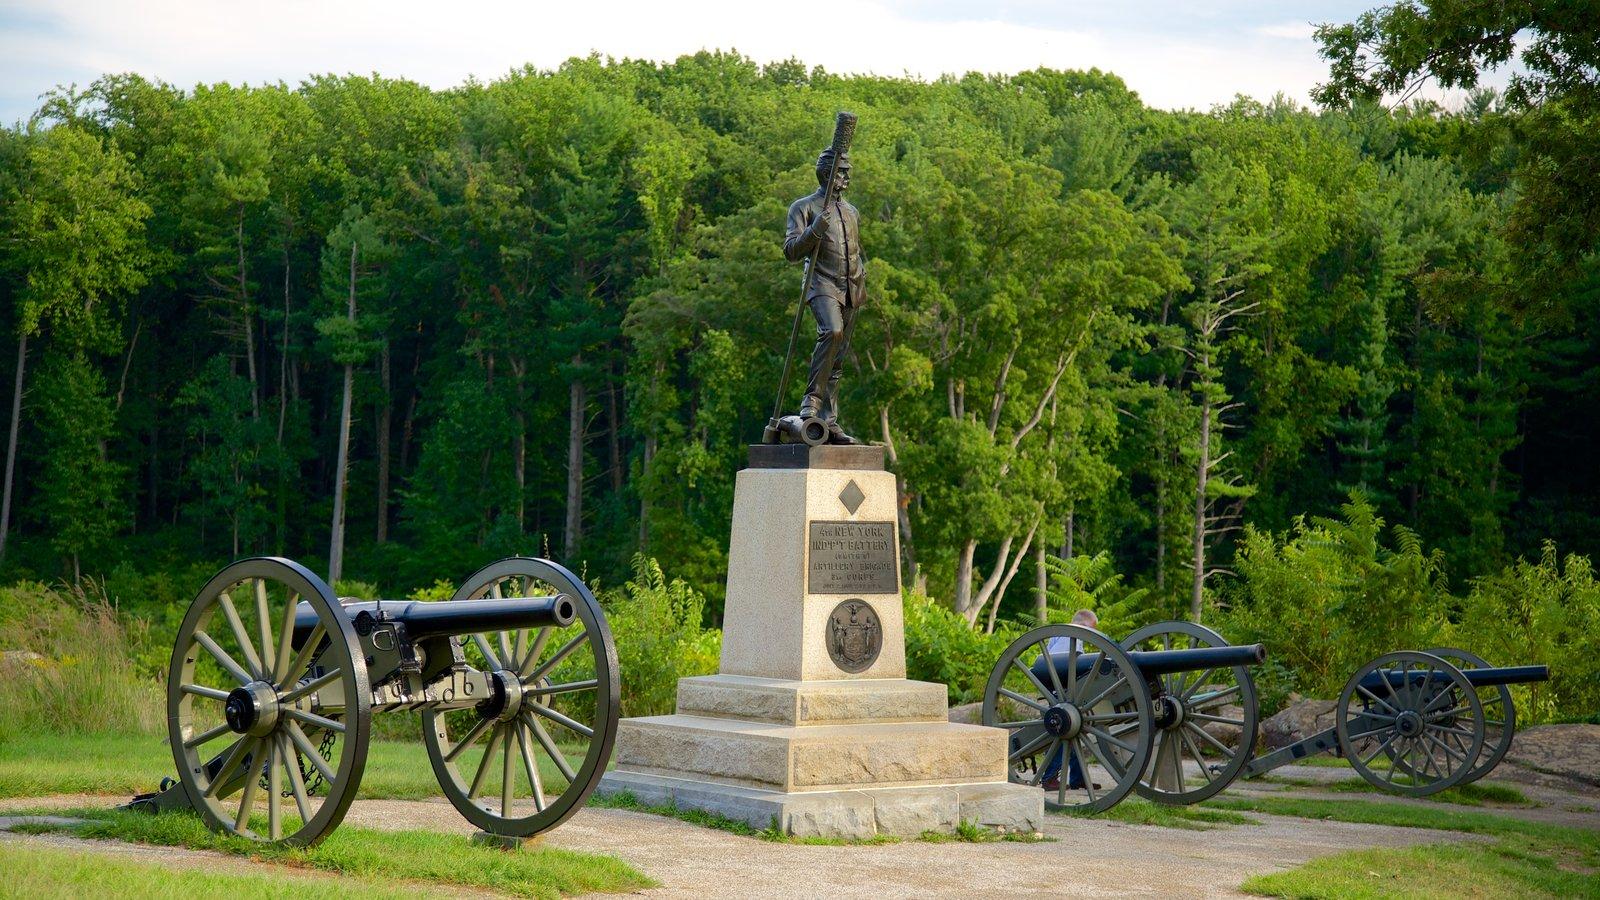 Gettysburg National Military Park caracterizando um parque, itens militares e um monumento